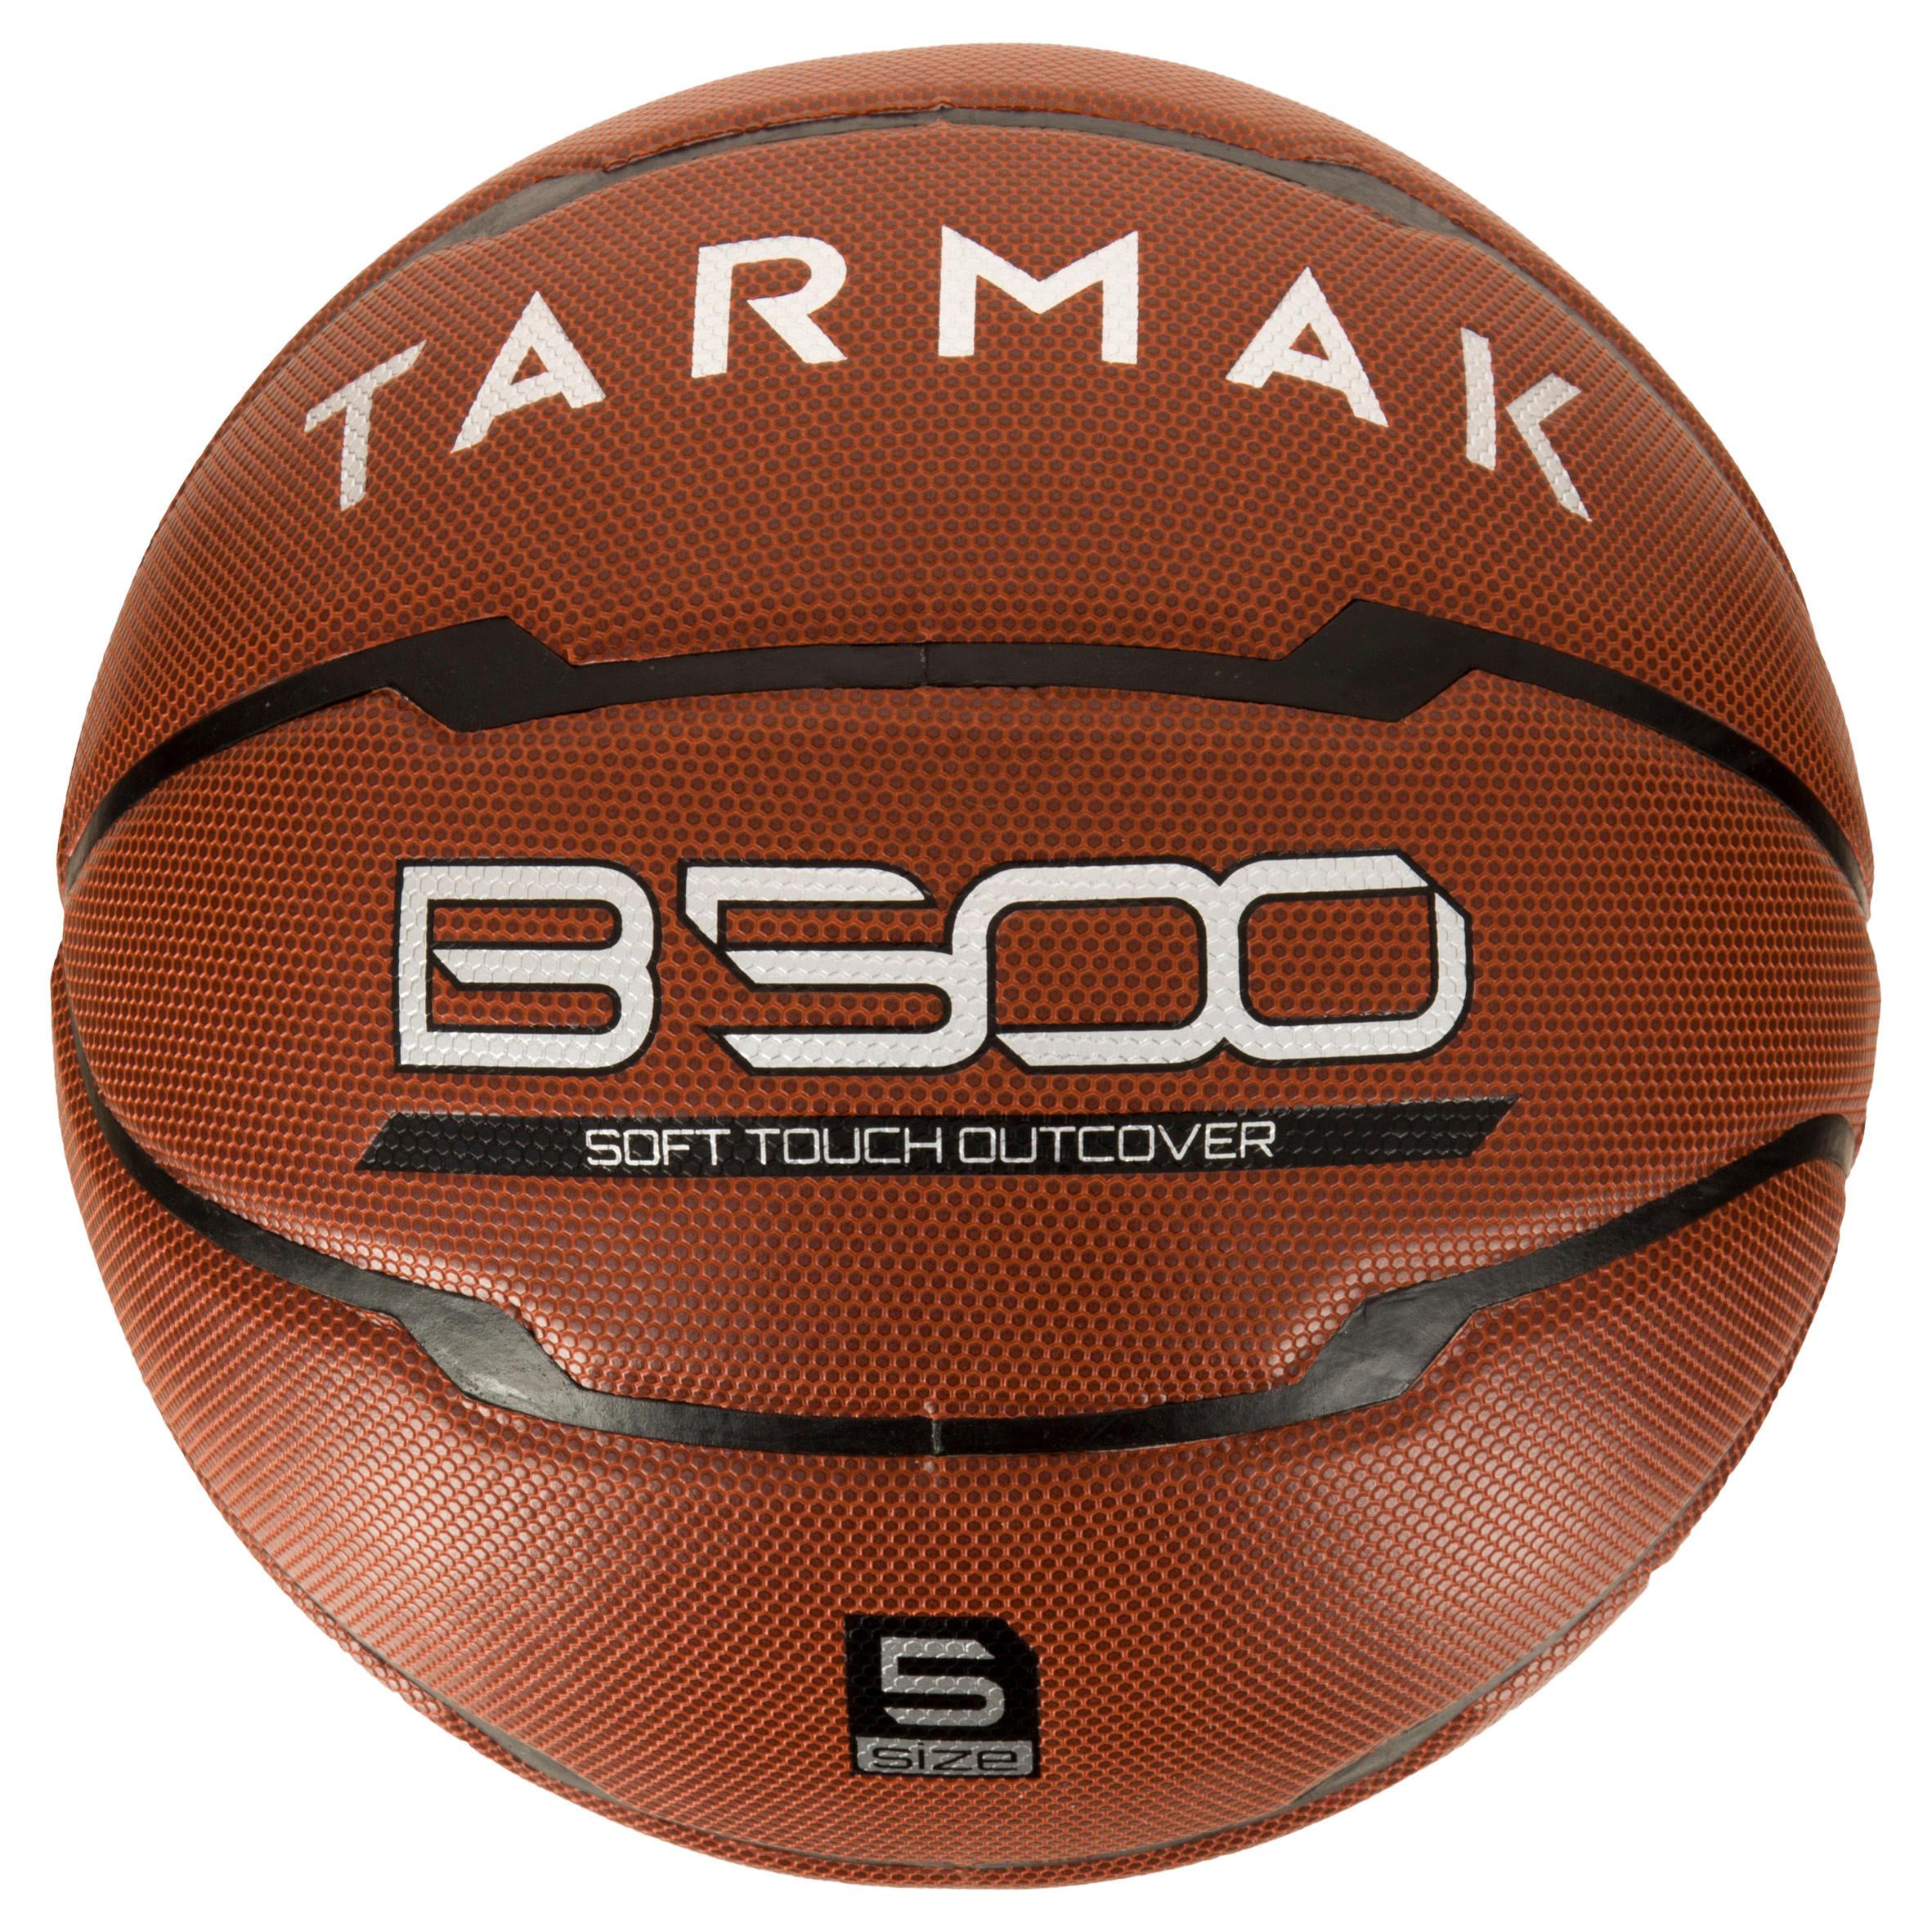 Tarmak Basketbal kinderen B500 maat 5 bruin. Kunstleer. Tot 10 jaar.